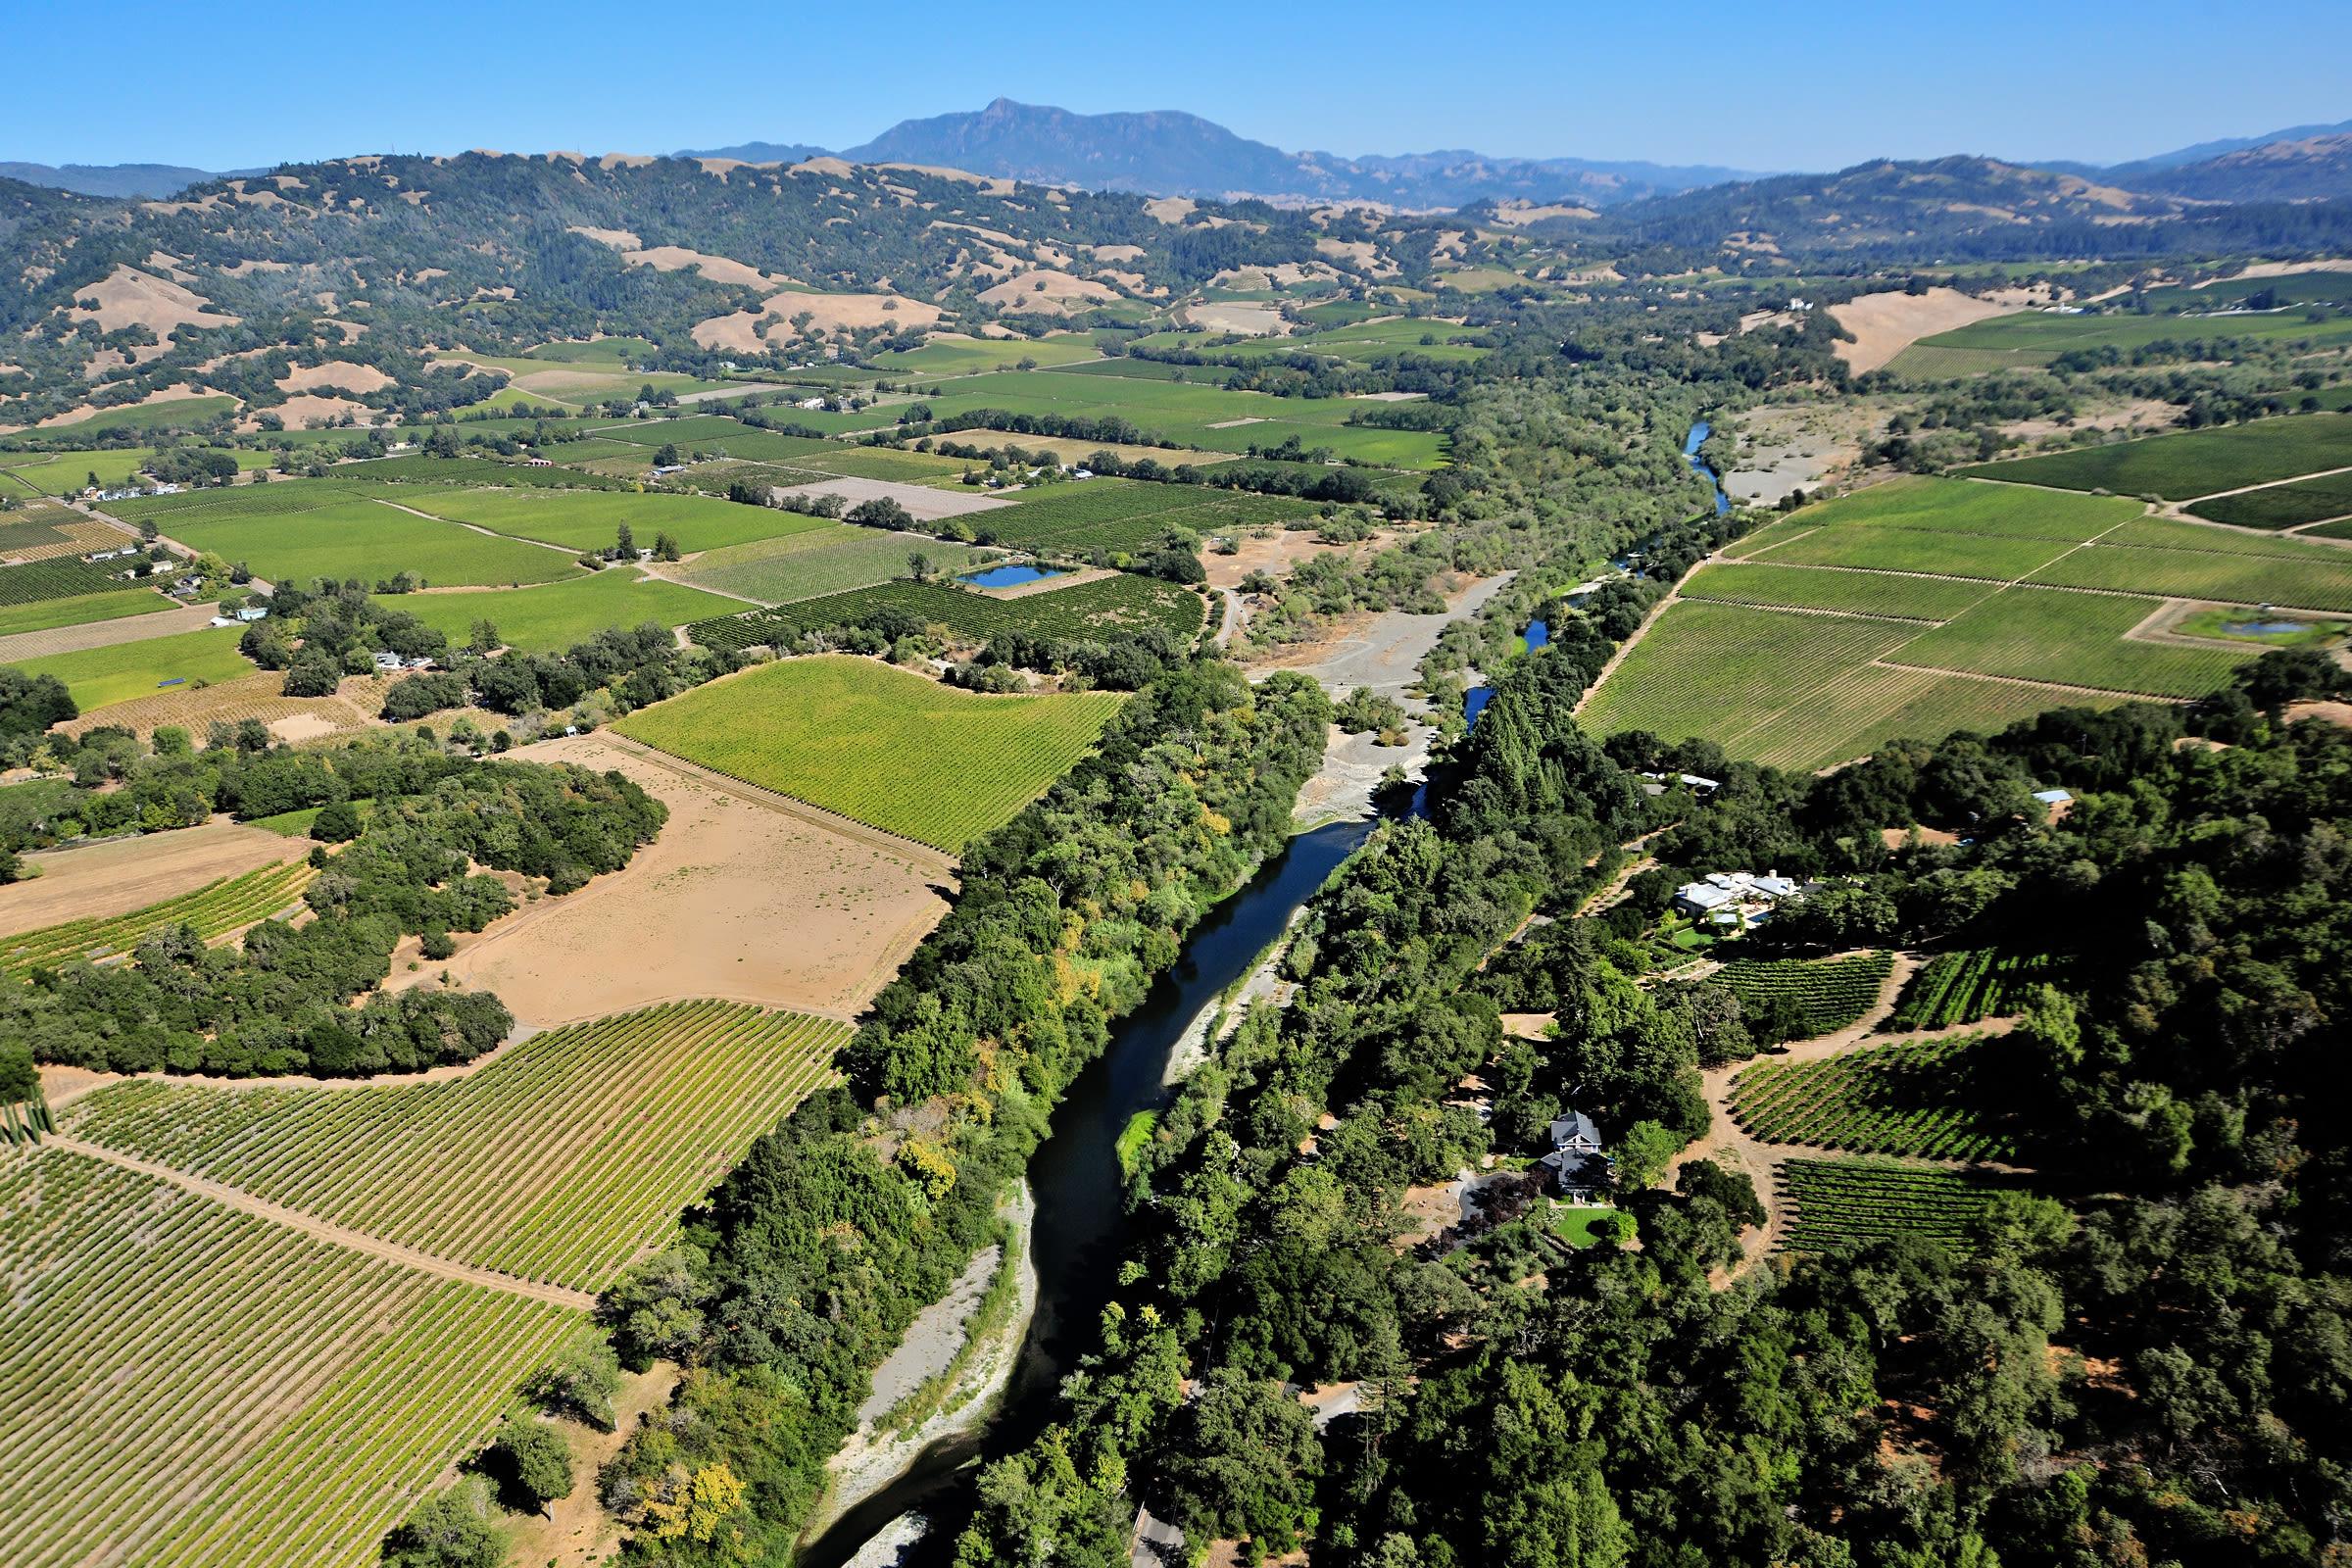 0518 travel santa rosa sonoma county aerial yzpoo0